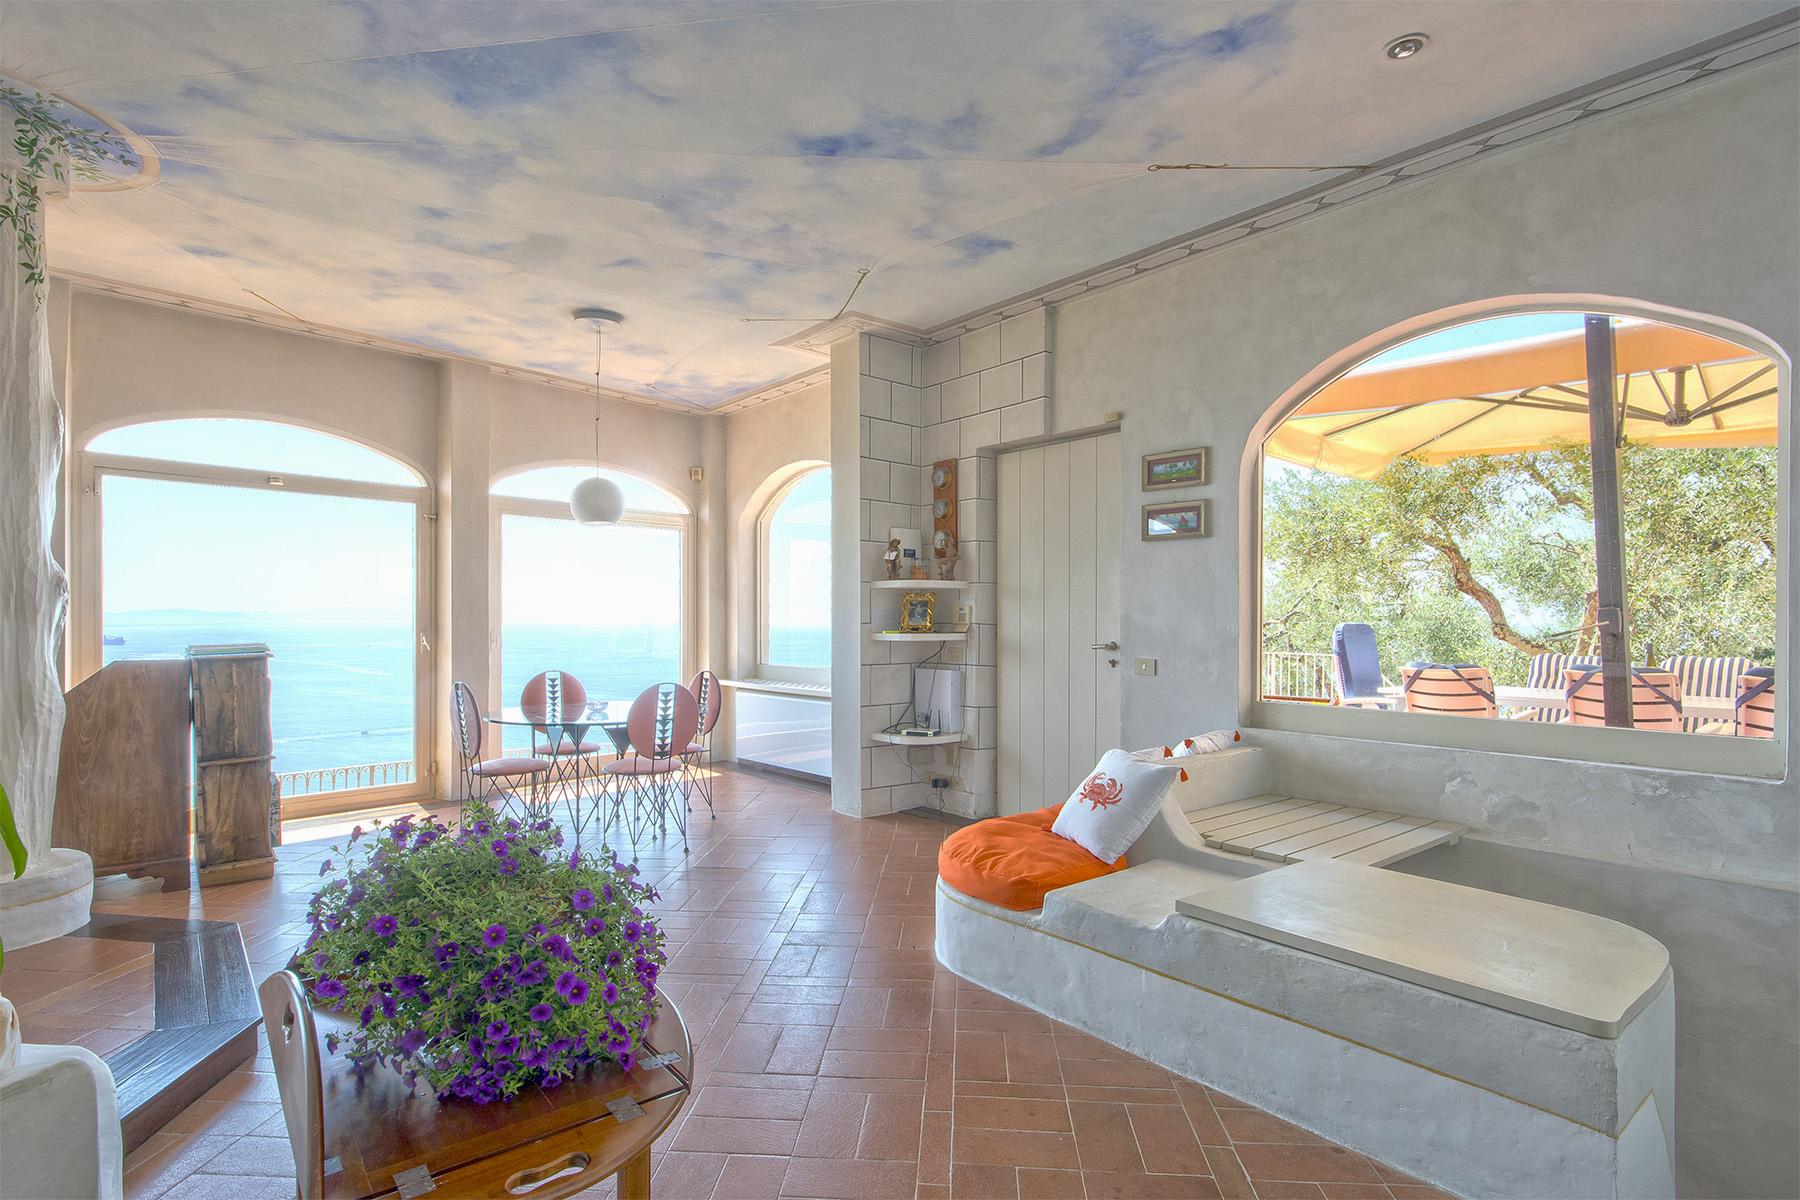 Villa in Vendita a Ameglia: 5 locali, 200 mq - Foto 5